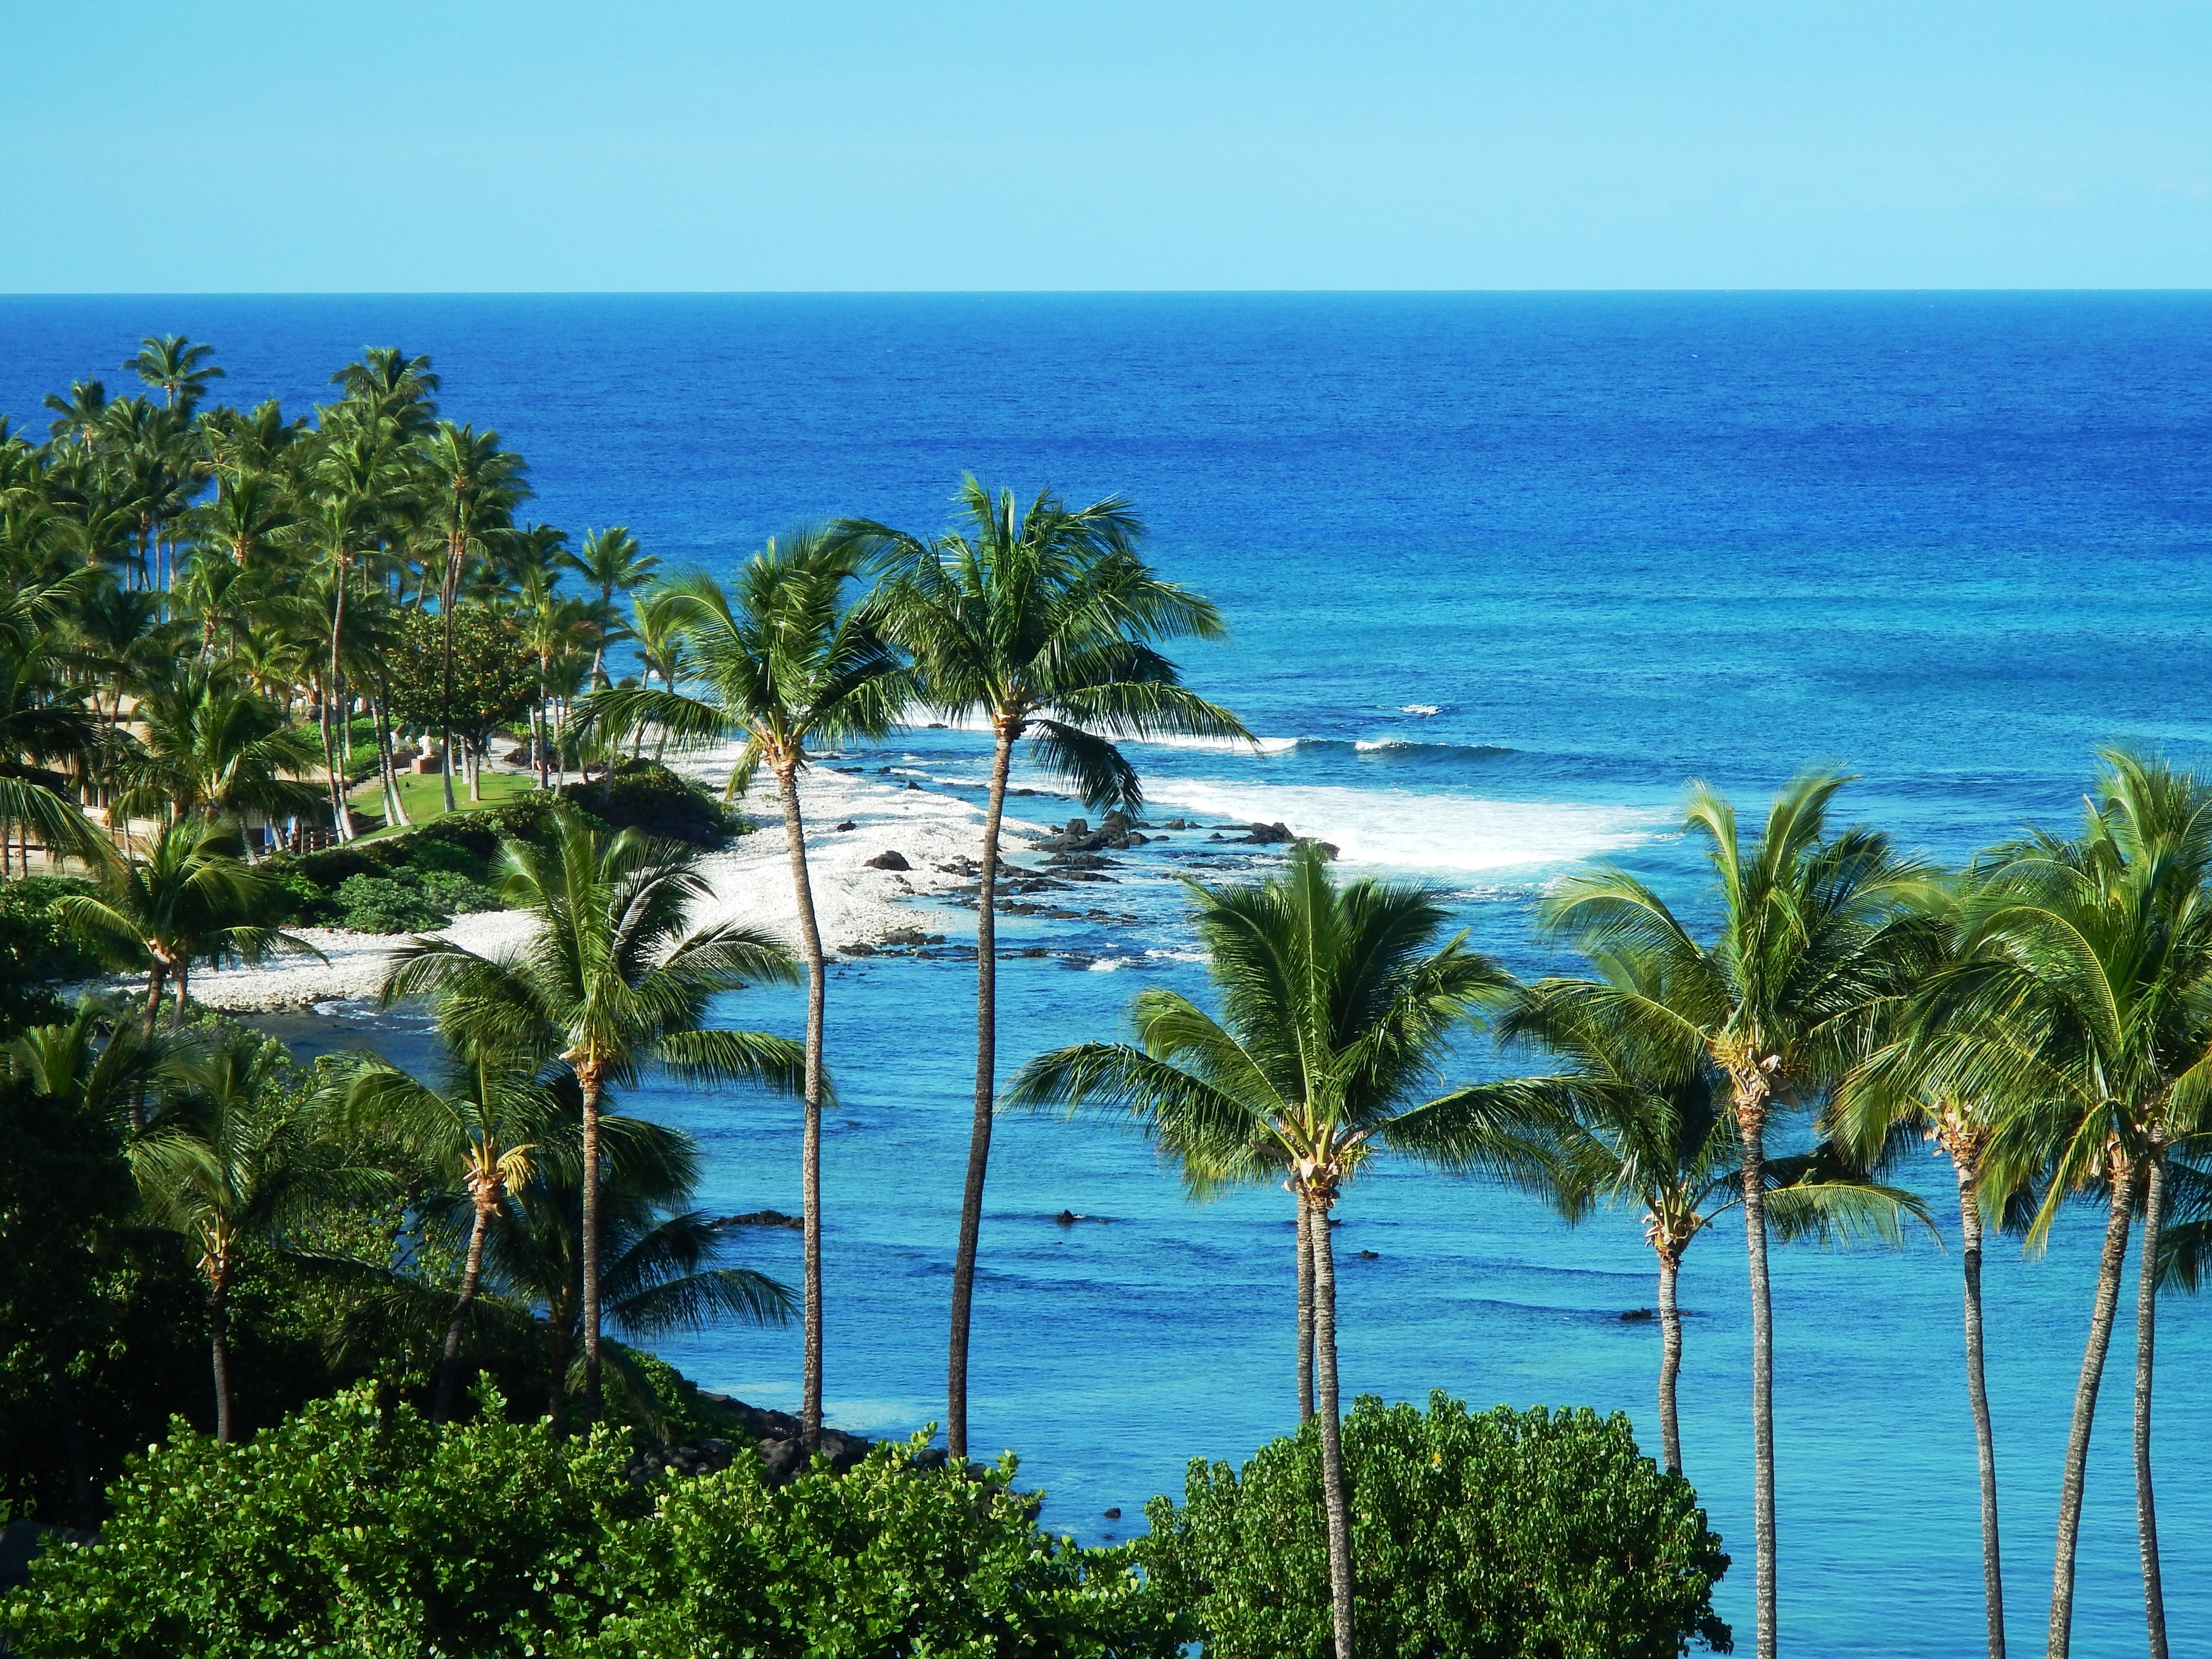 Waikoloa, Hawaii